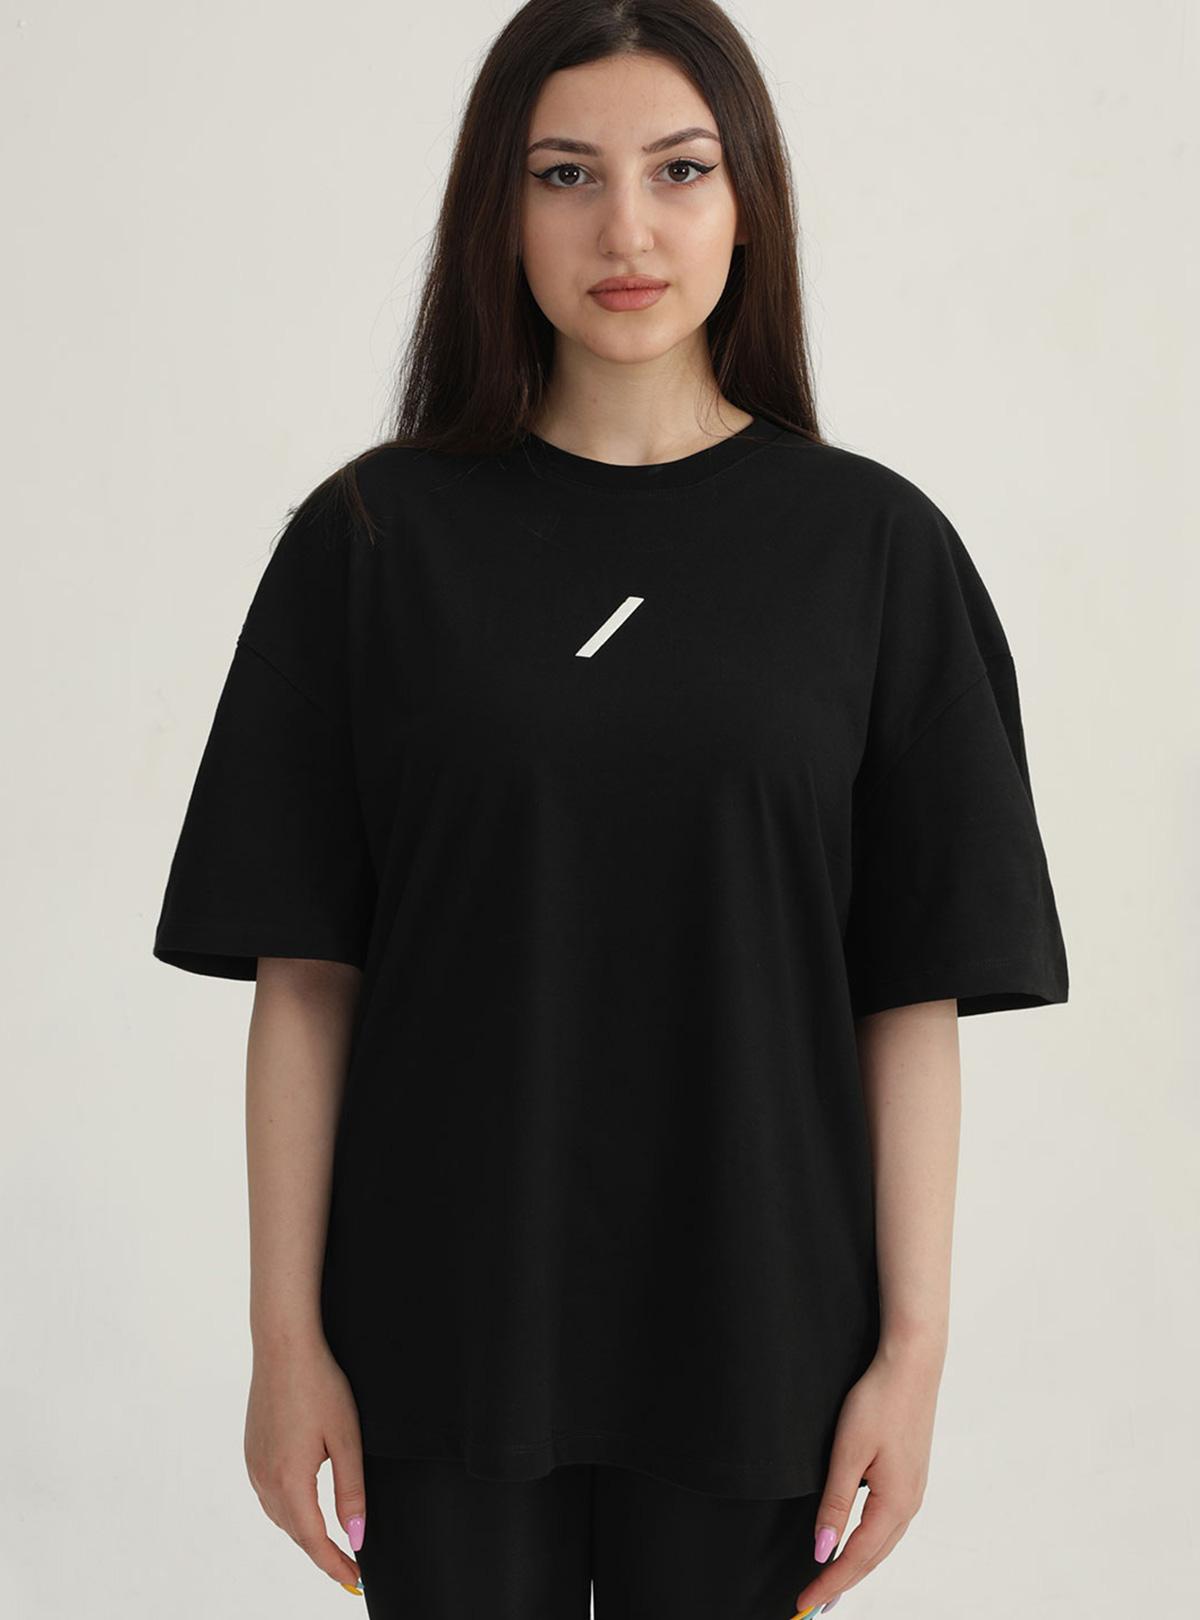 Yaşam Çiçeği Özel Koleksiyon Kadın - Oversize Tshirt Siyah